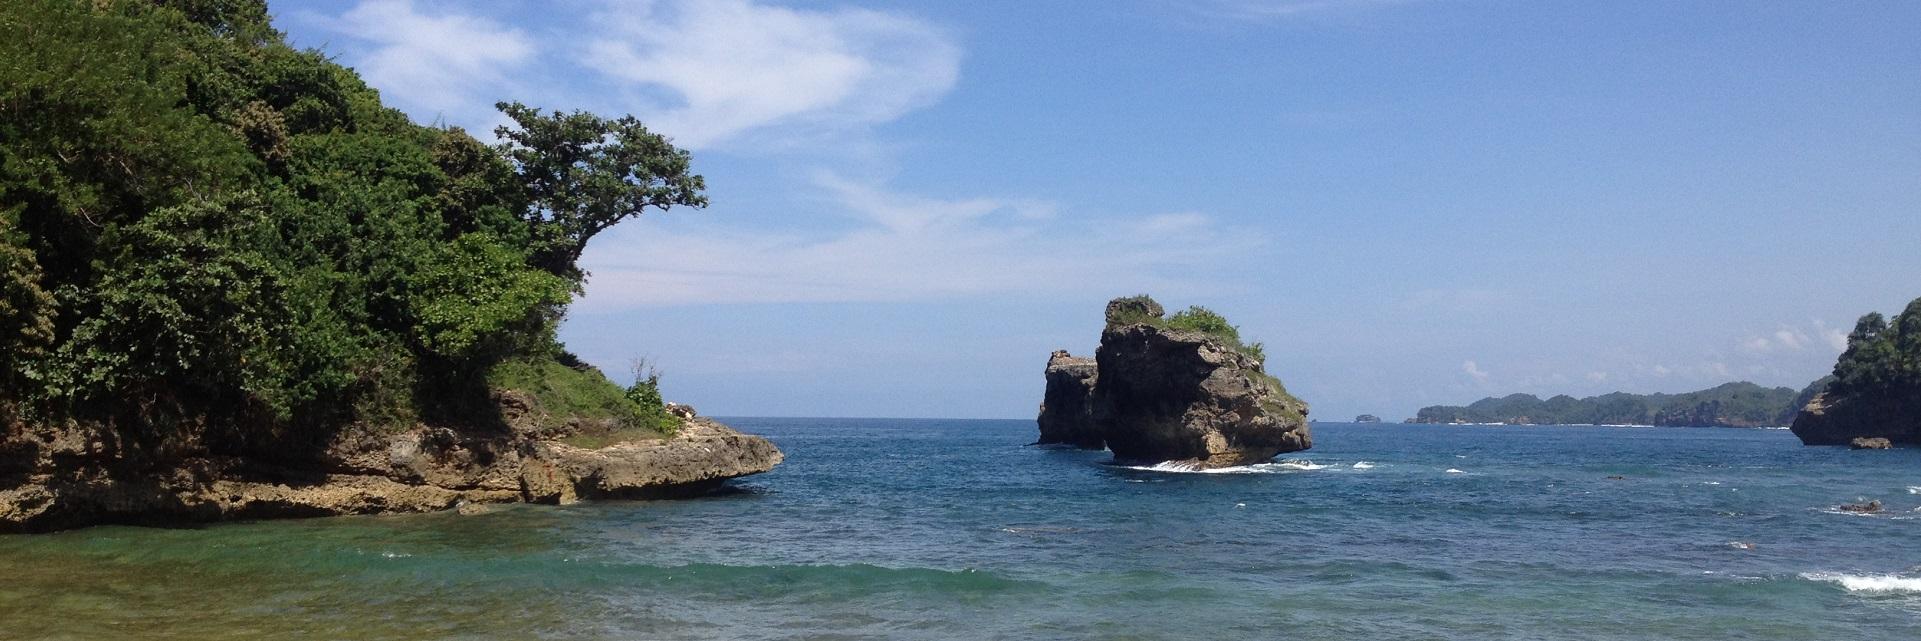 12 Ide dan Spot Selfie di Pantai Ngliyep Malang